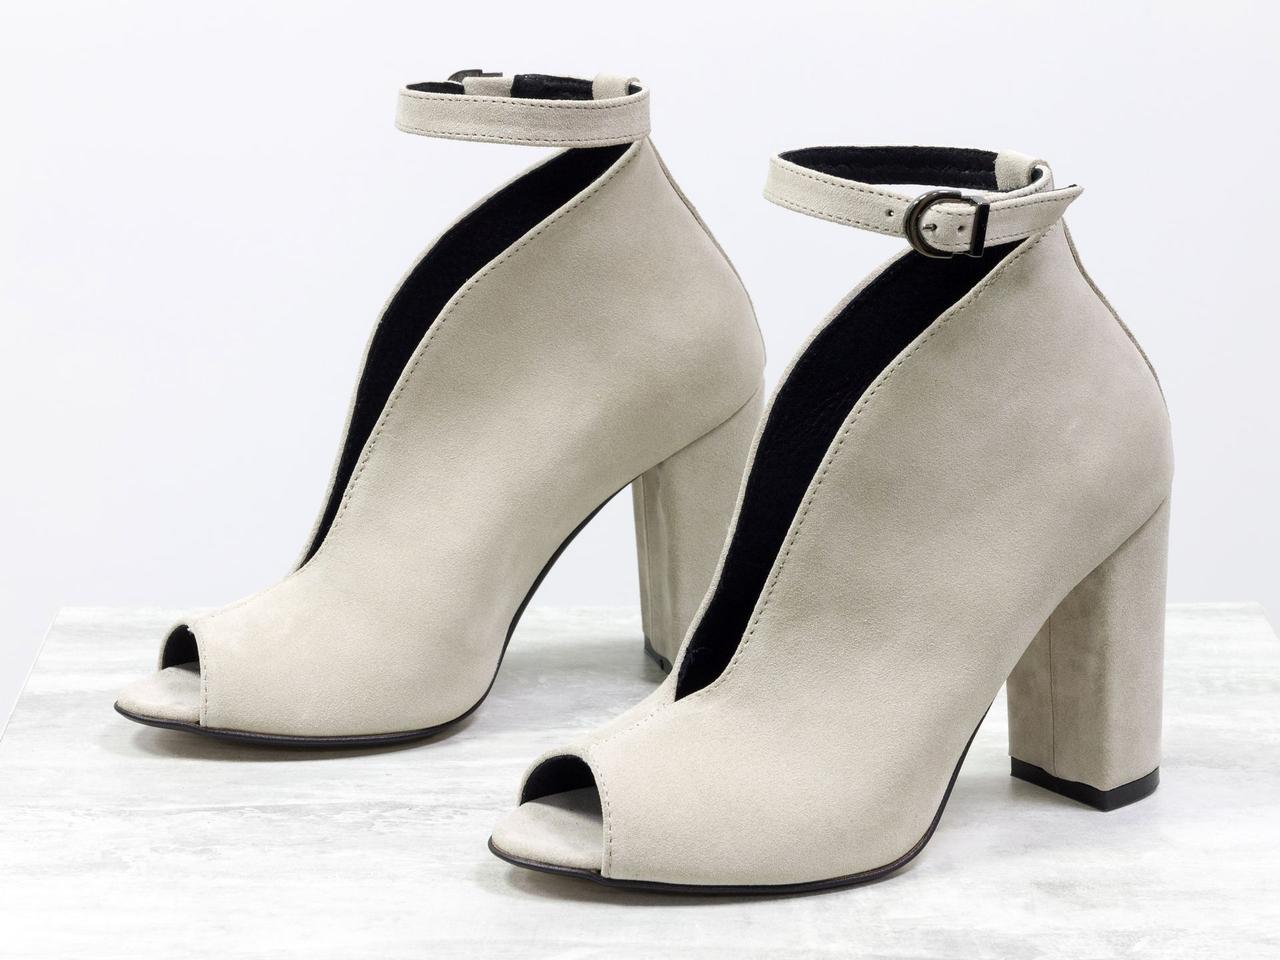 Дизайнерские туфли с открытым носиком из натуральной замши бежевого цвета, на устойчивом обтяжном каблуке